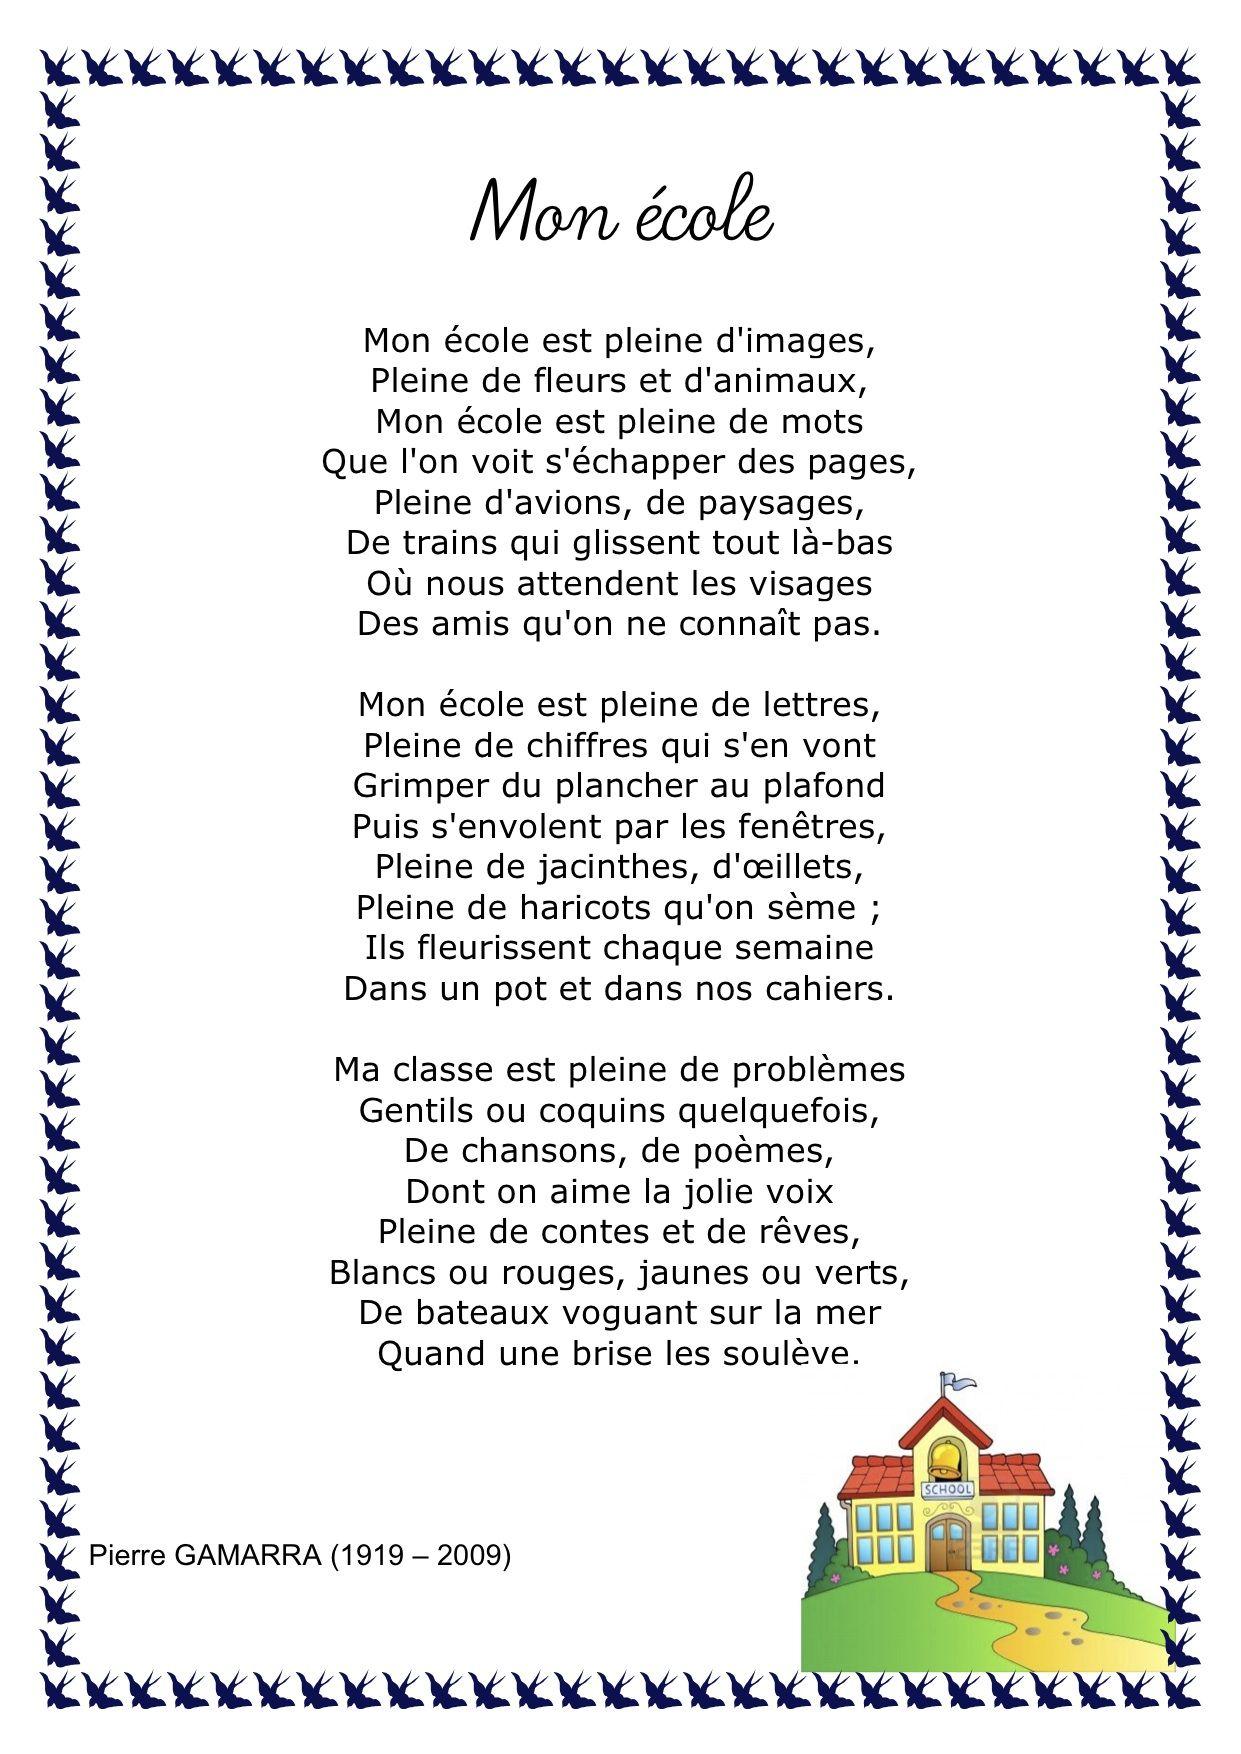 poeme l'ecole